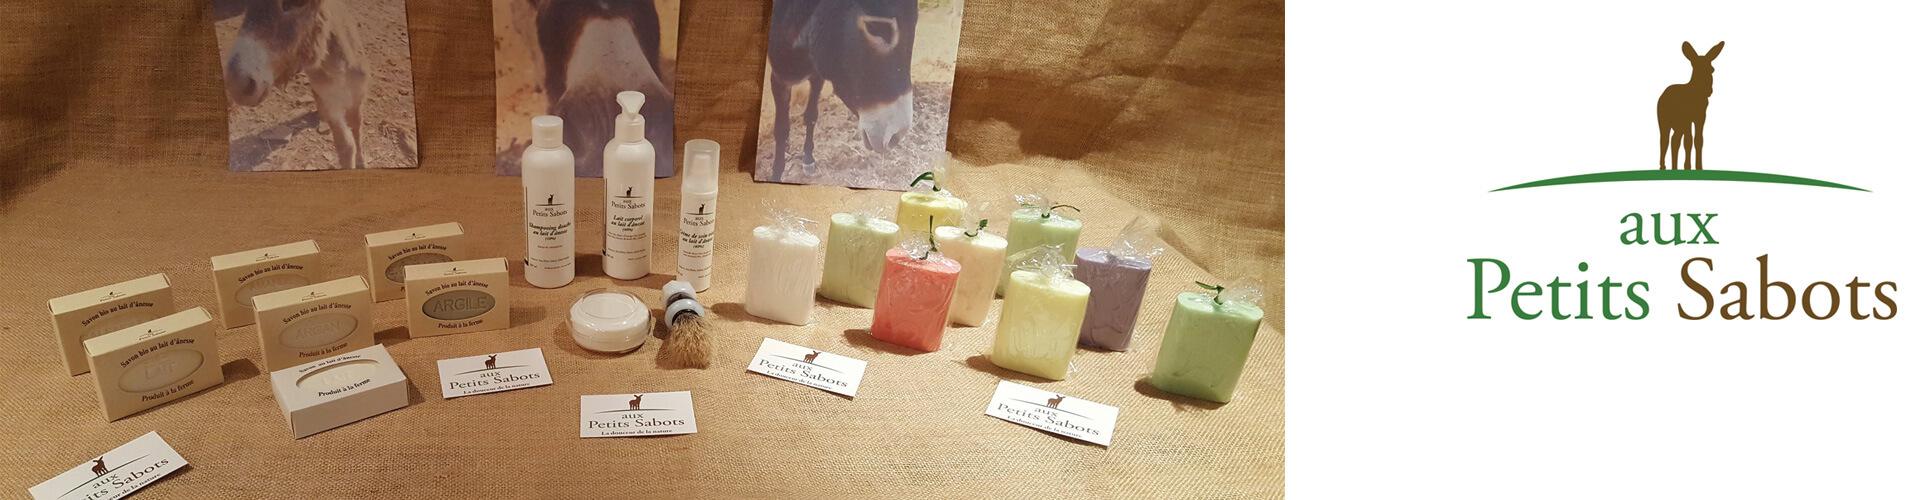 Aux Petits Sabots savon et cosmétiques au lait d'ânesse à Saint Jean de la Blaquière en Coeur d'Hérault